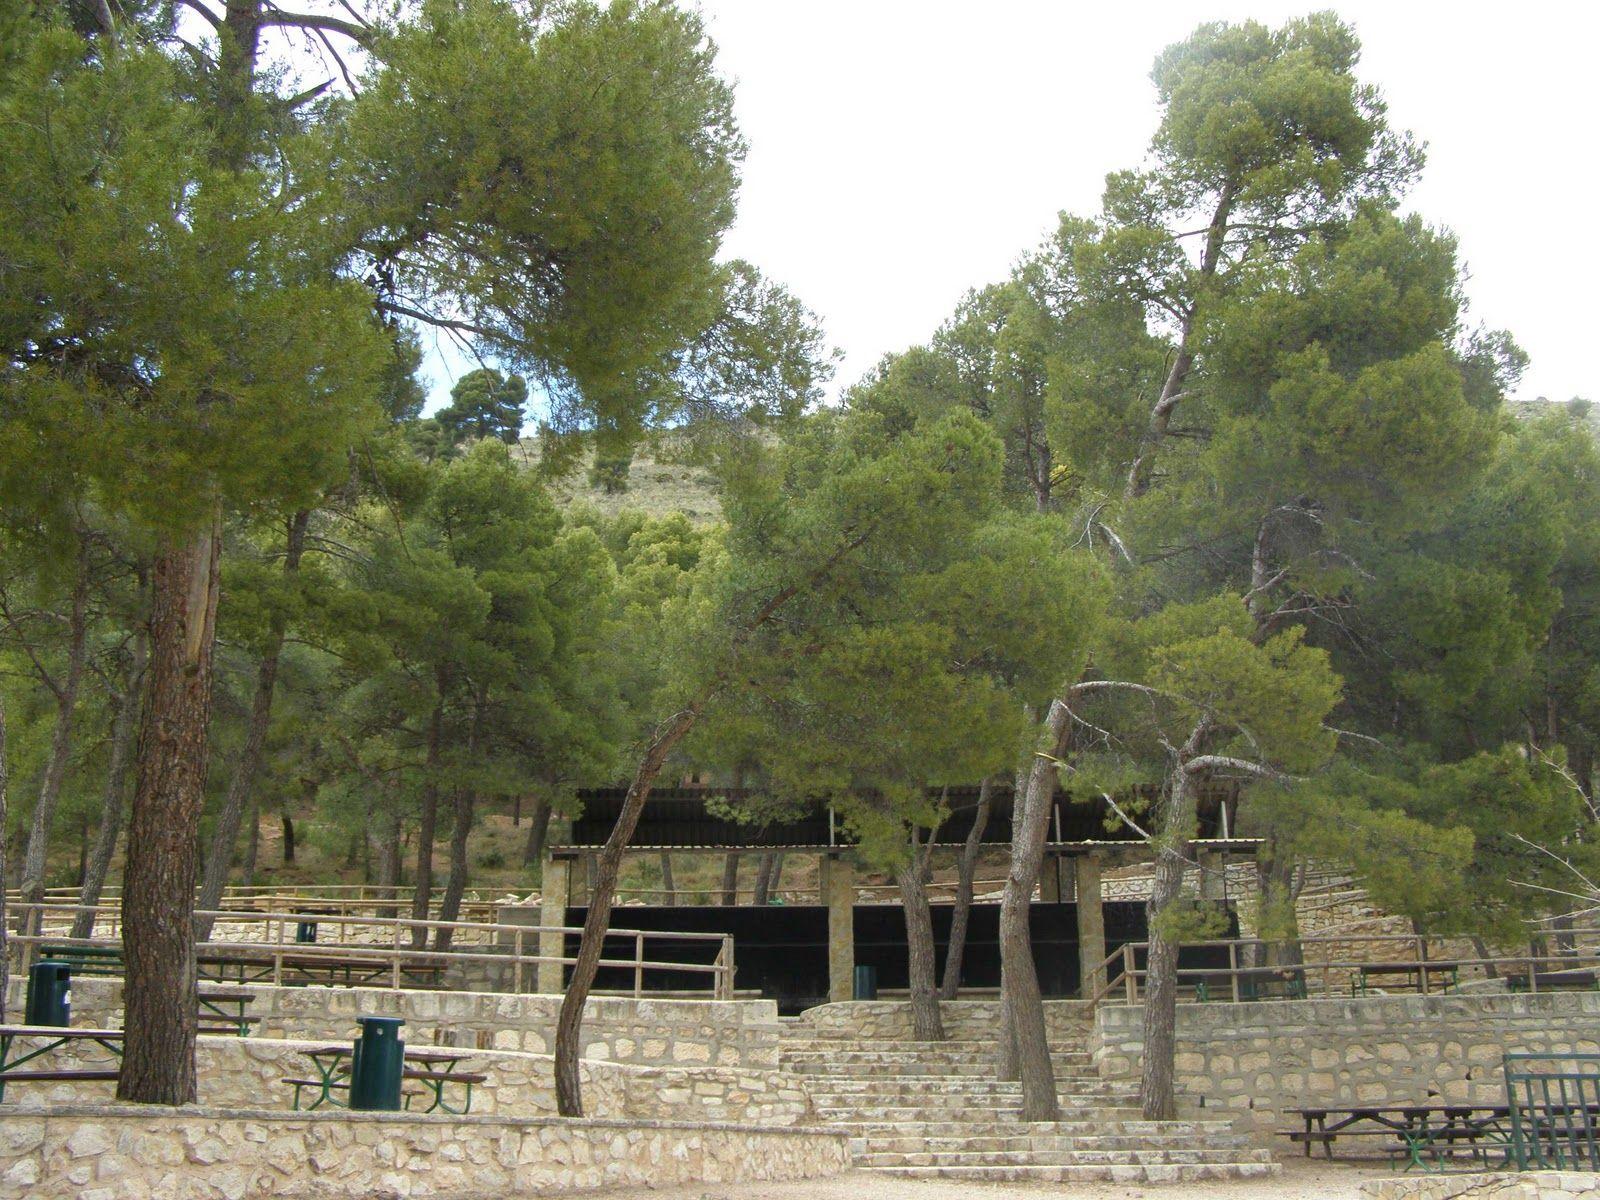 La provincia d Alicante tiene #áreasrecreativas muy chulas. Os enseño la de #Ibi? #archivo http://blgs.co/5dwY44